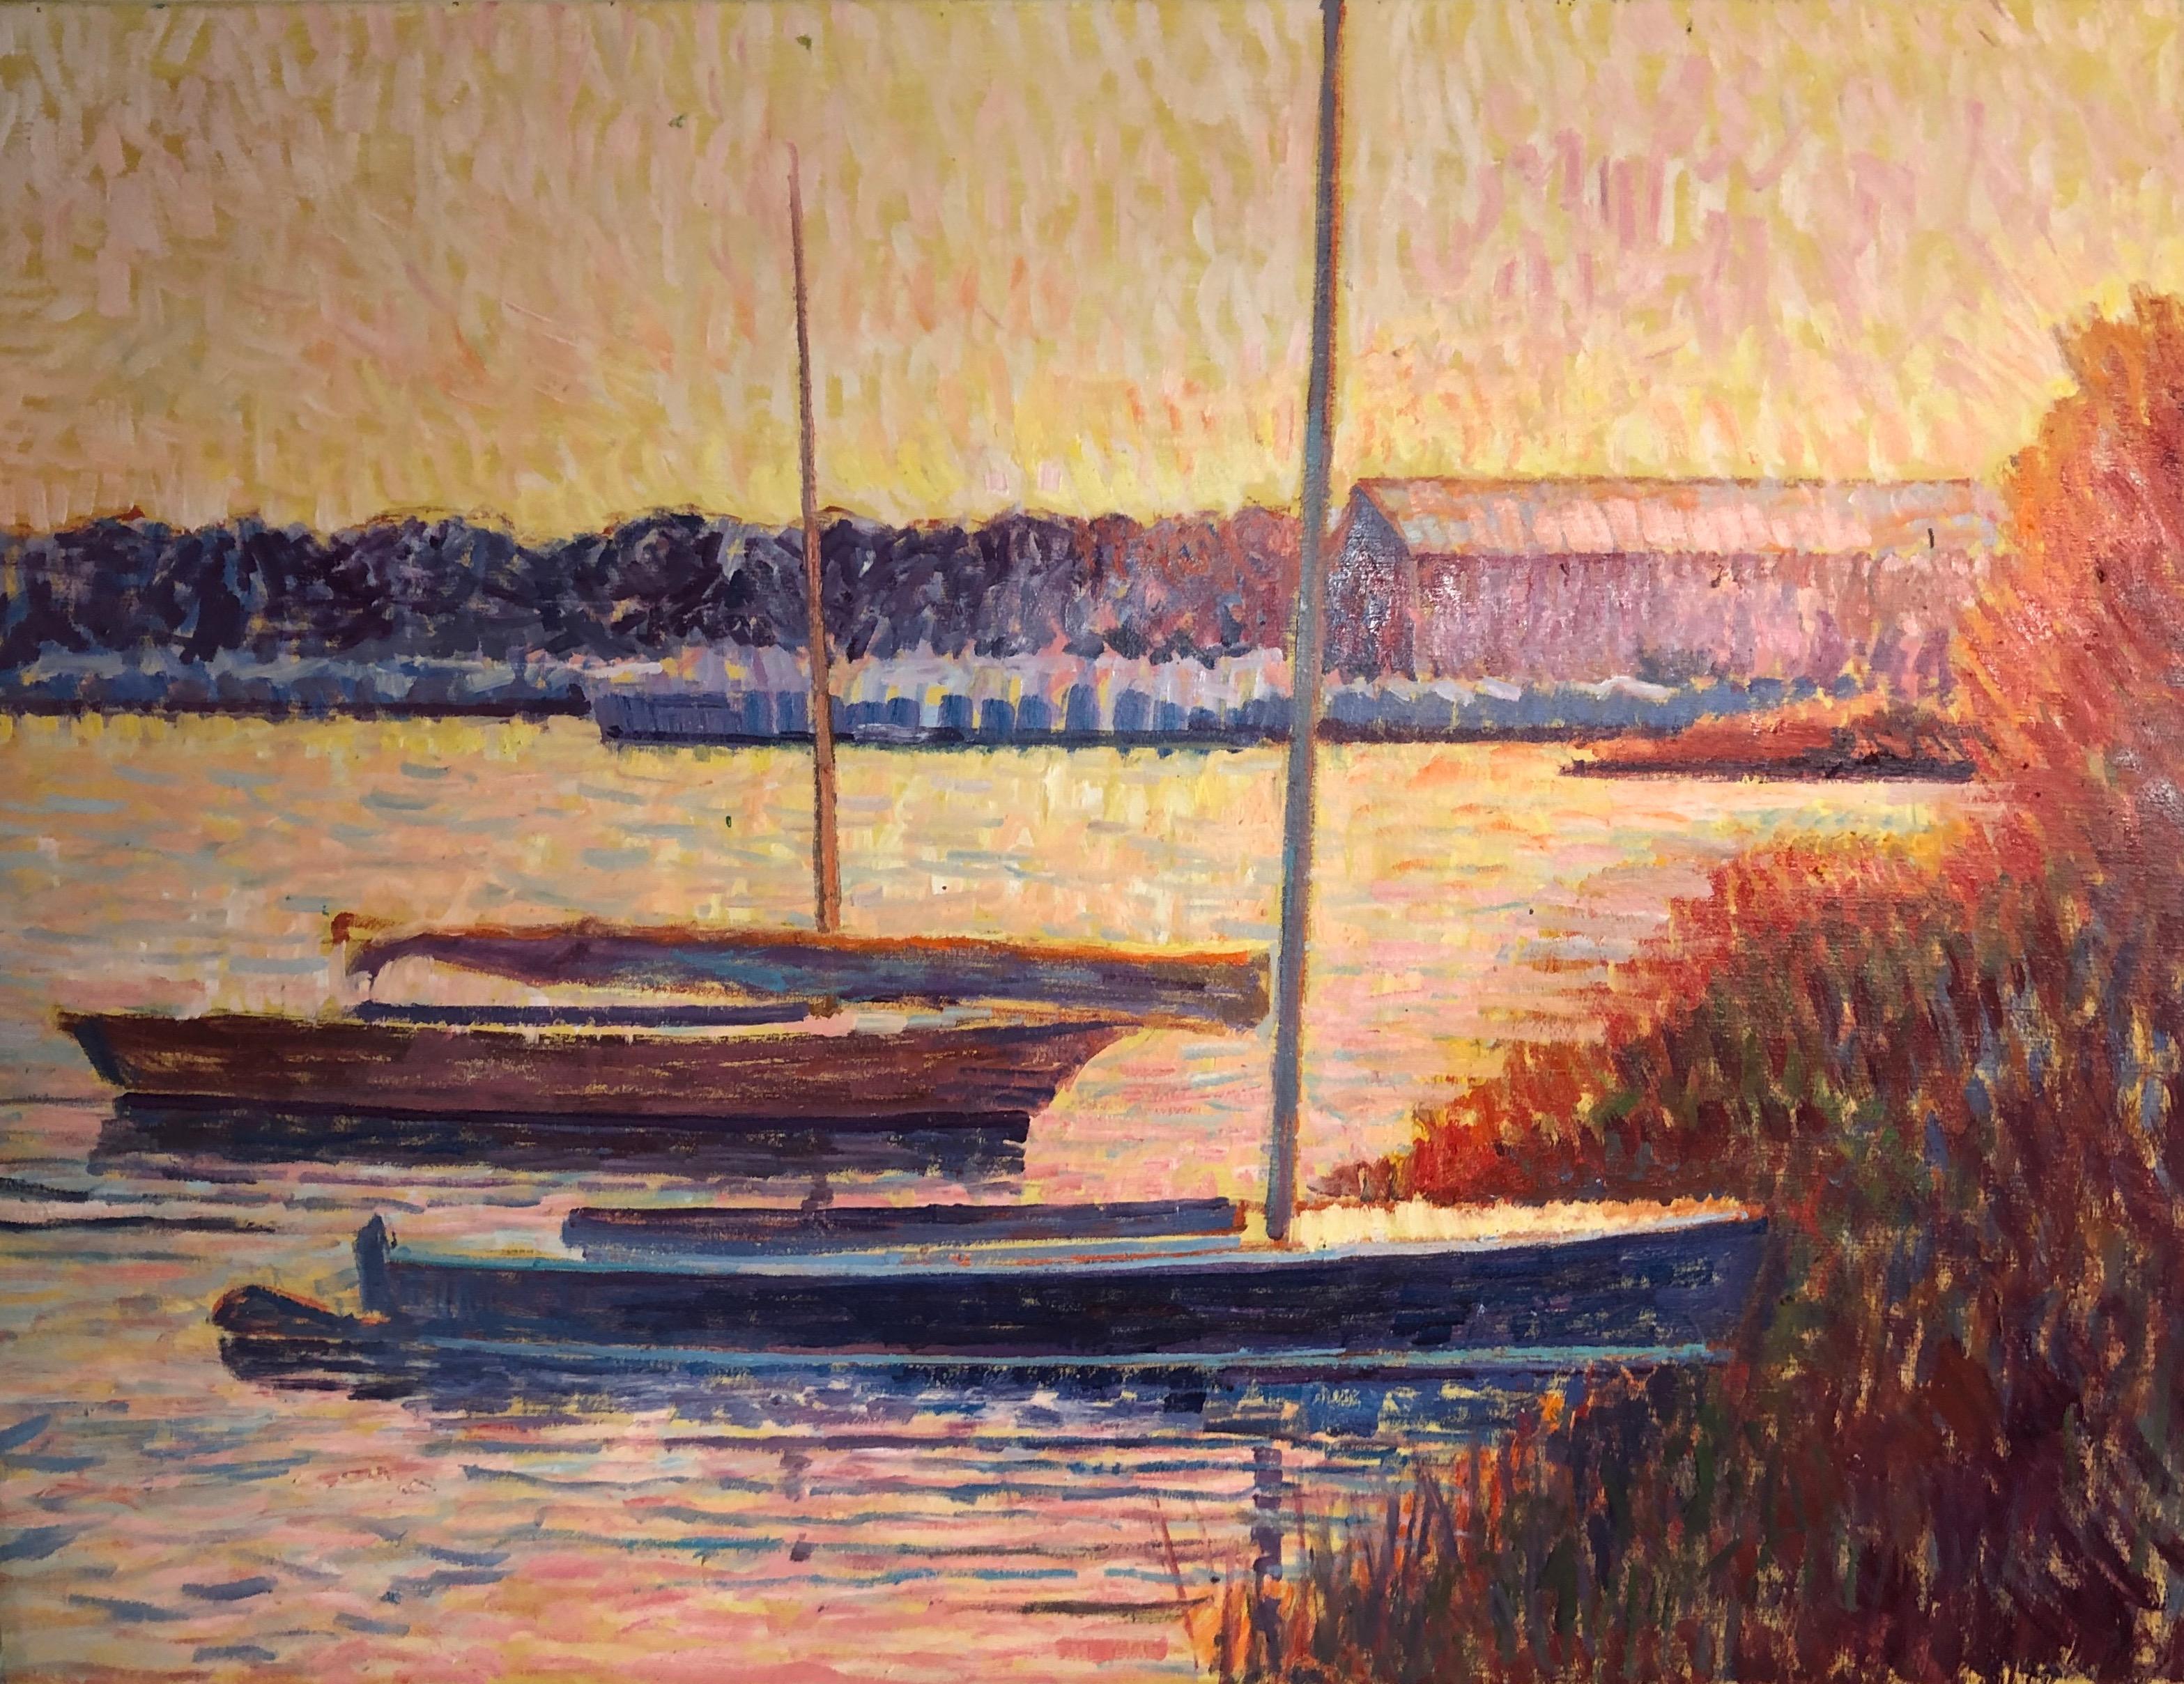 Bass River Sunrise